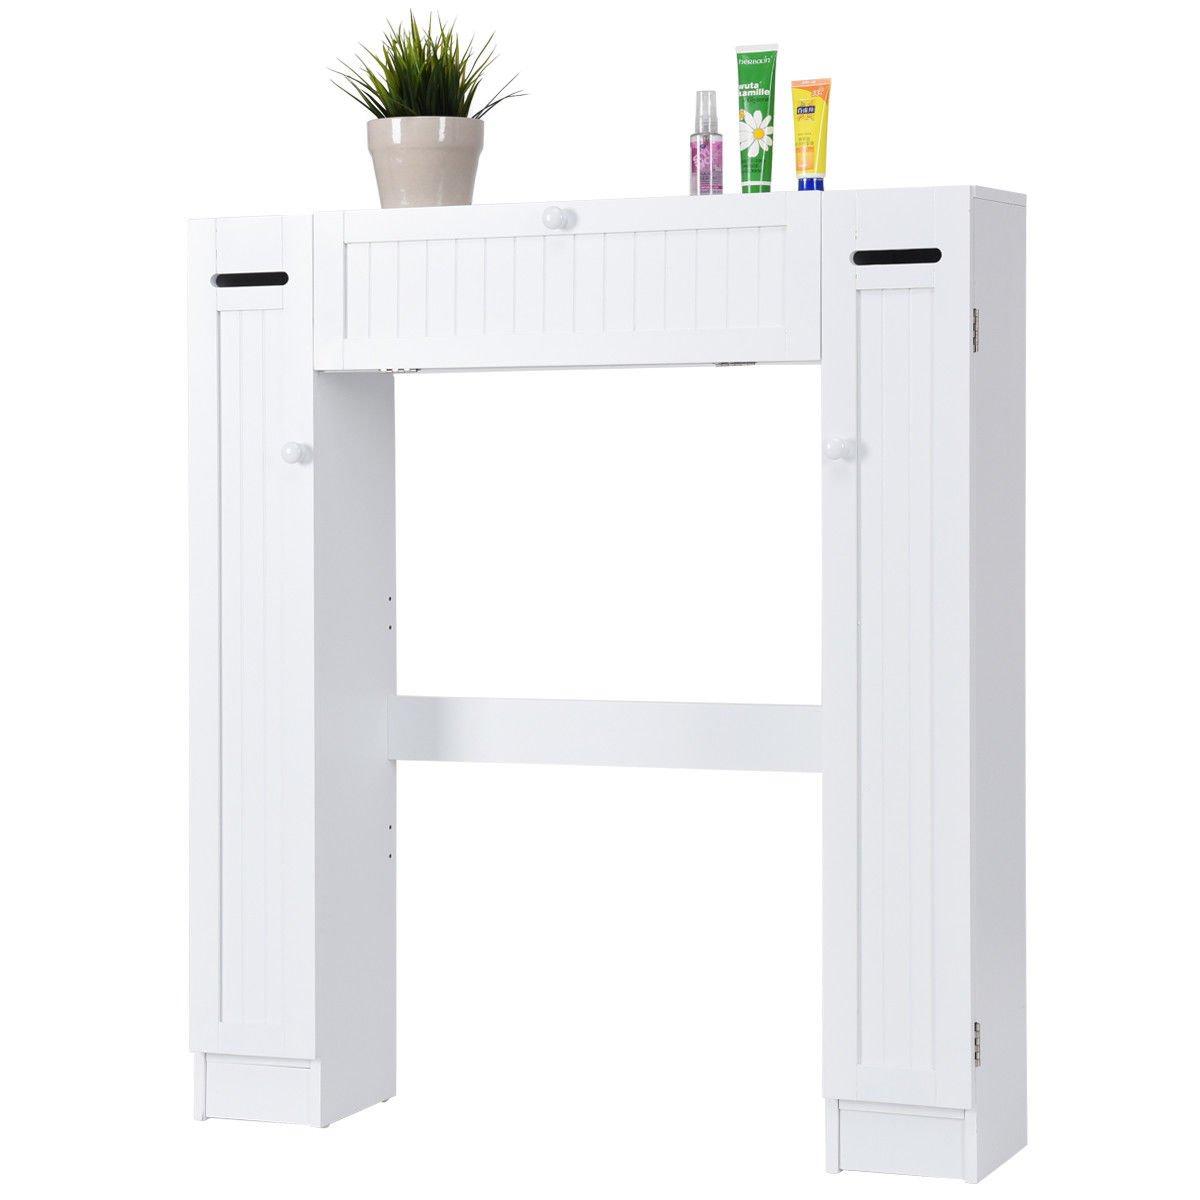 Over The Toilet Storage Wooden Cabinet Drop Door Spacesaver Bathroom White